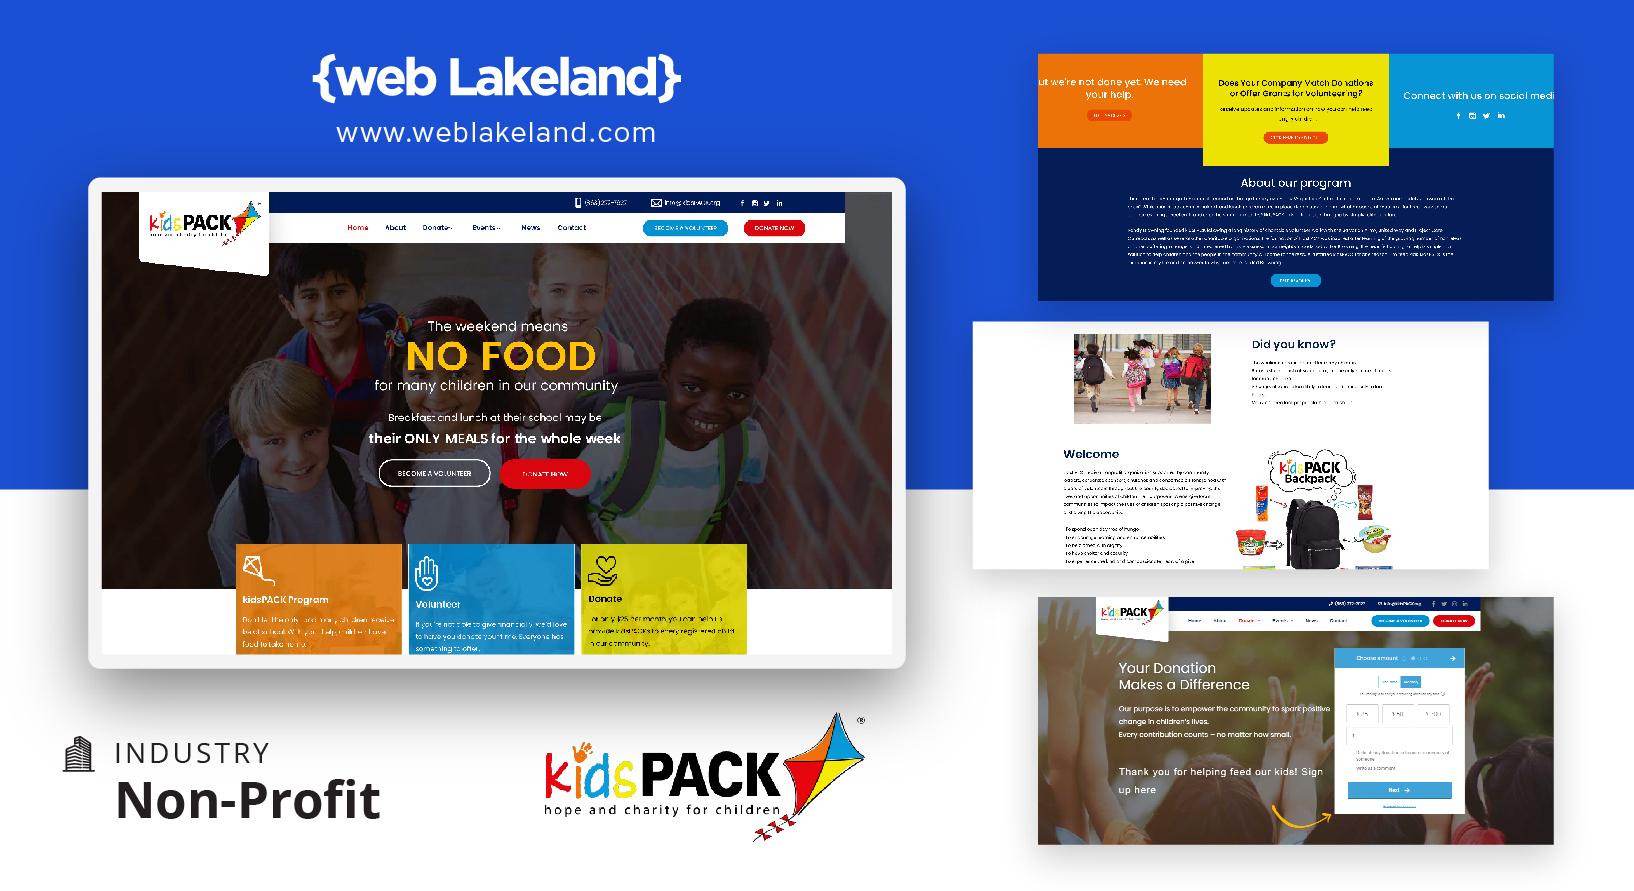 Kidspack